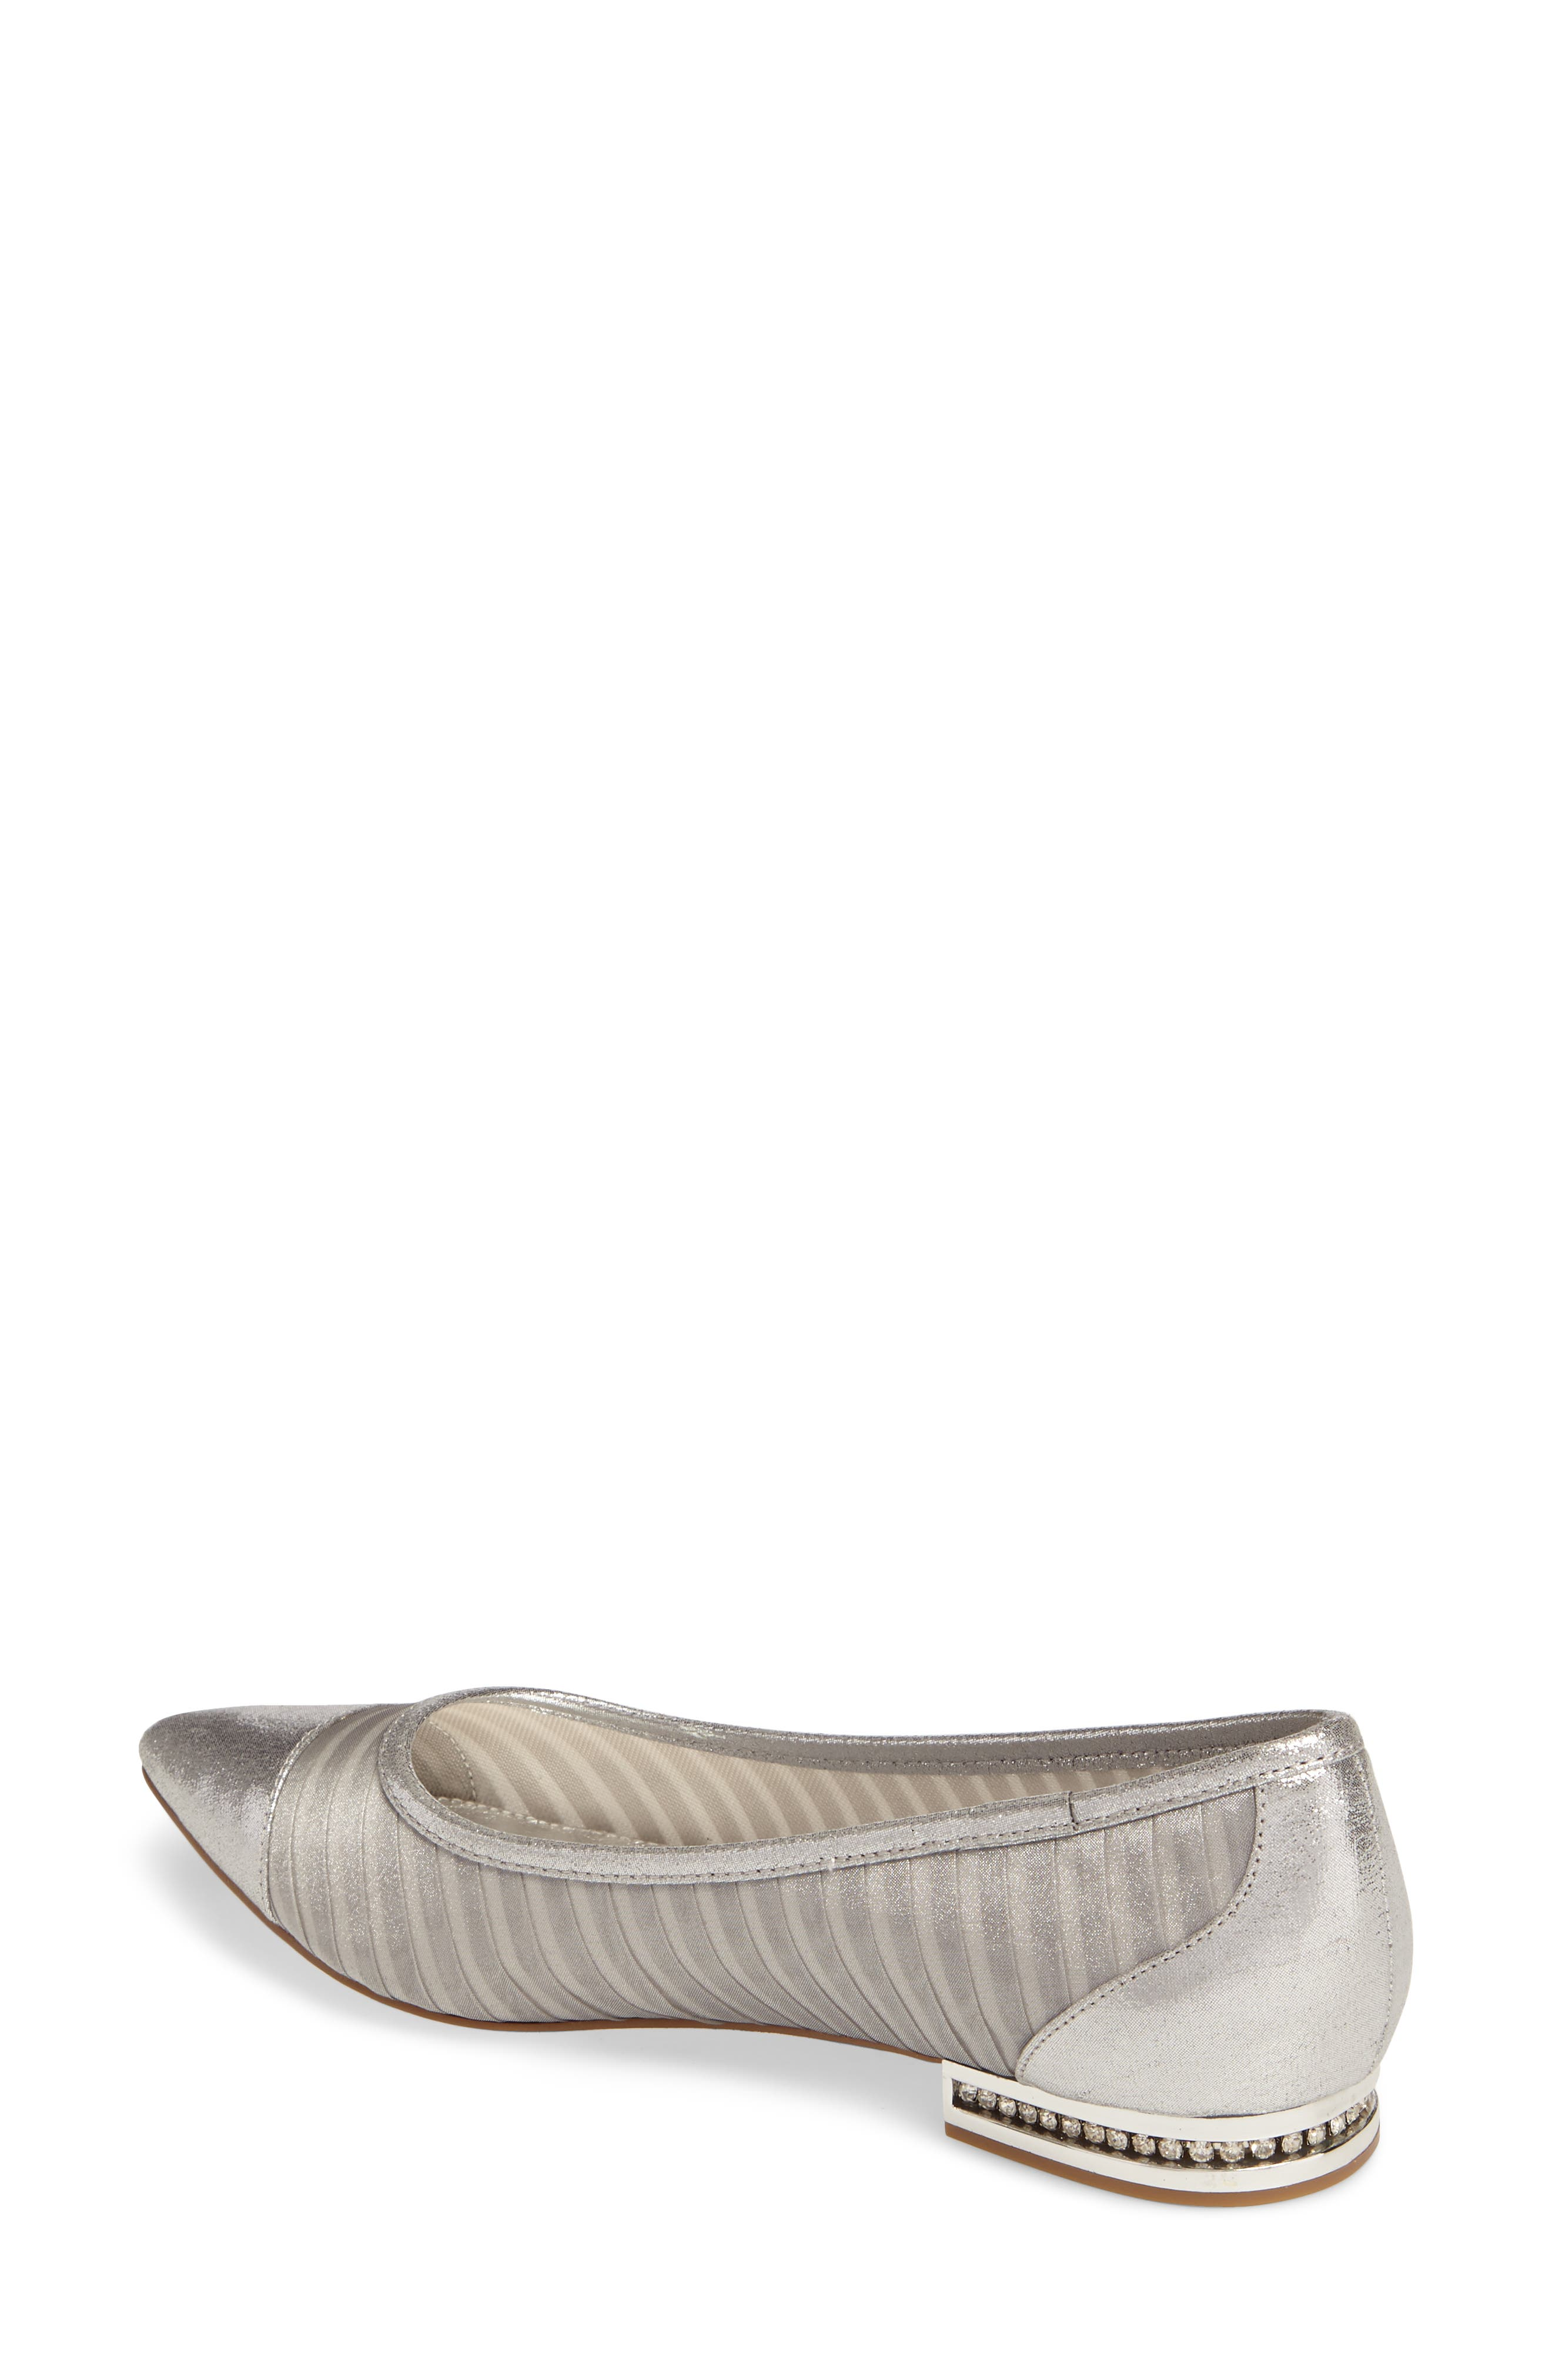 Alternate Image 2  - Adrianna Papell Tiffany Pointy Toe Flat (Women)